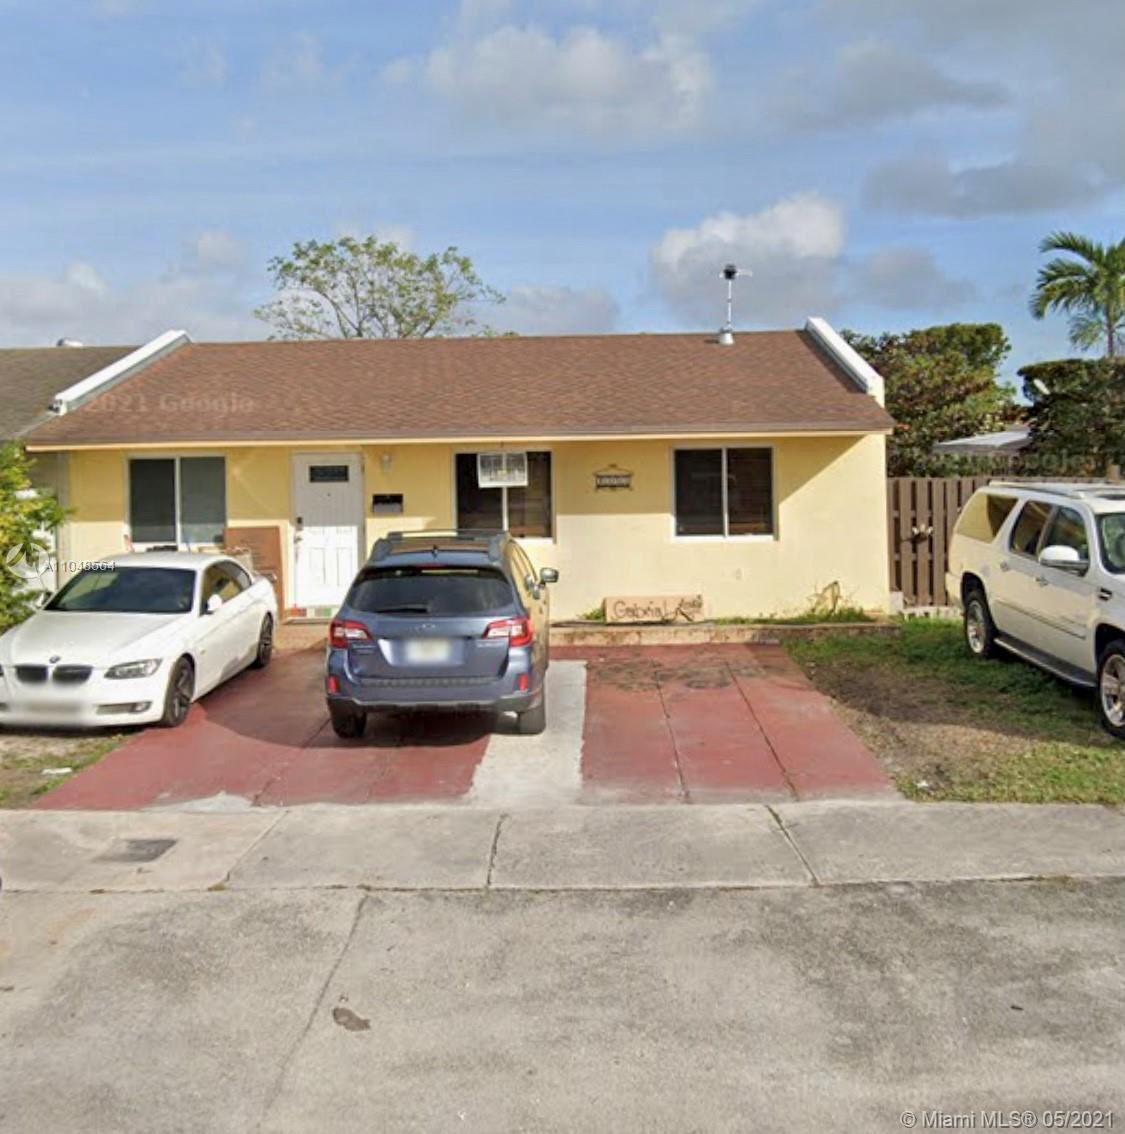 4353 SW 129th Ave, Miami, FL 33175 - #: A11048564